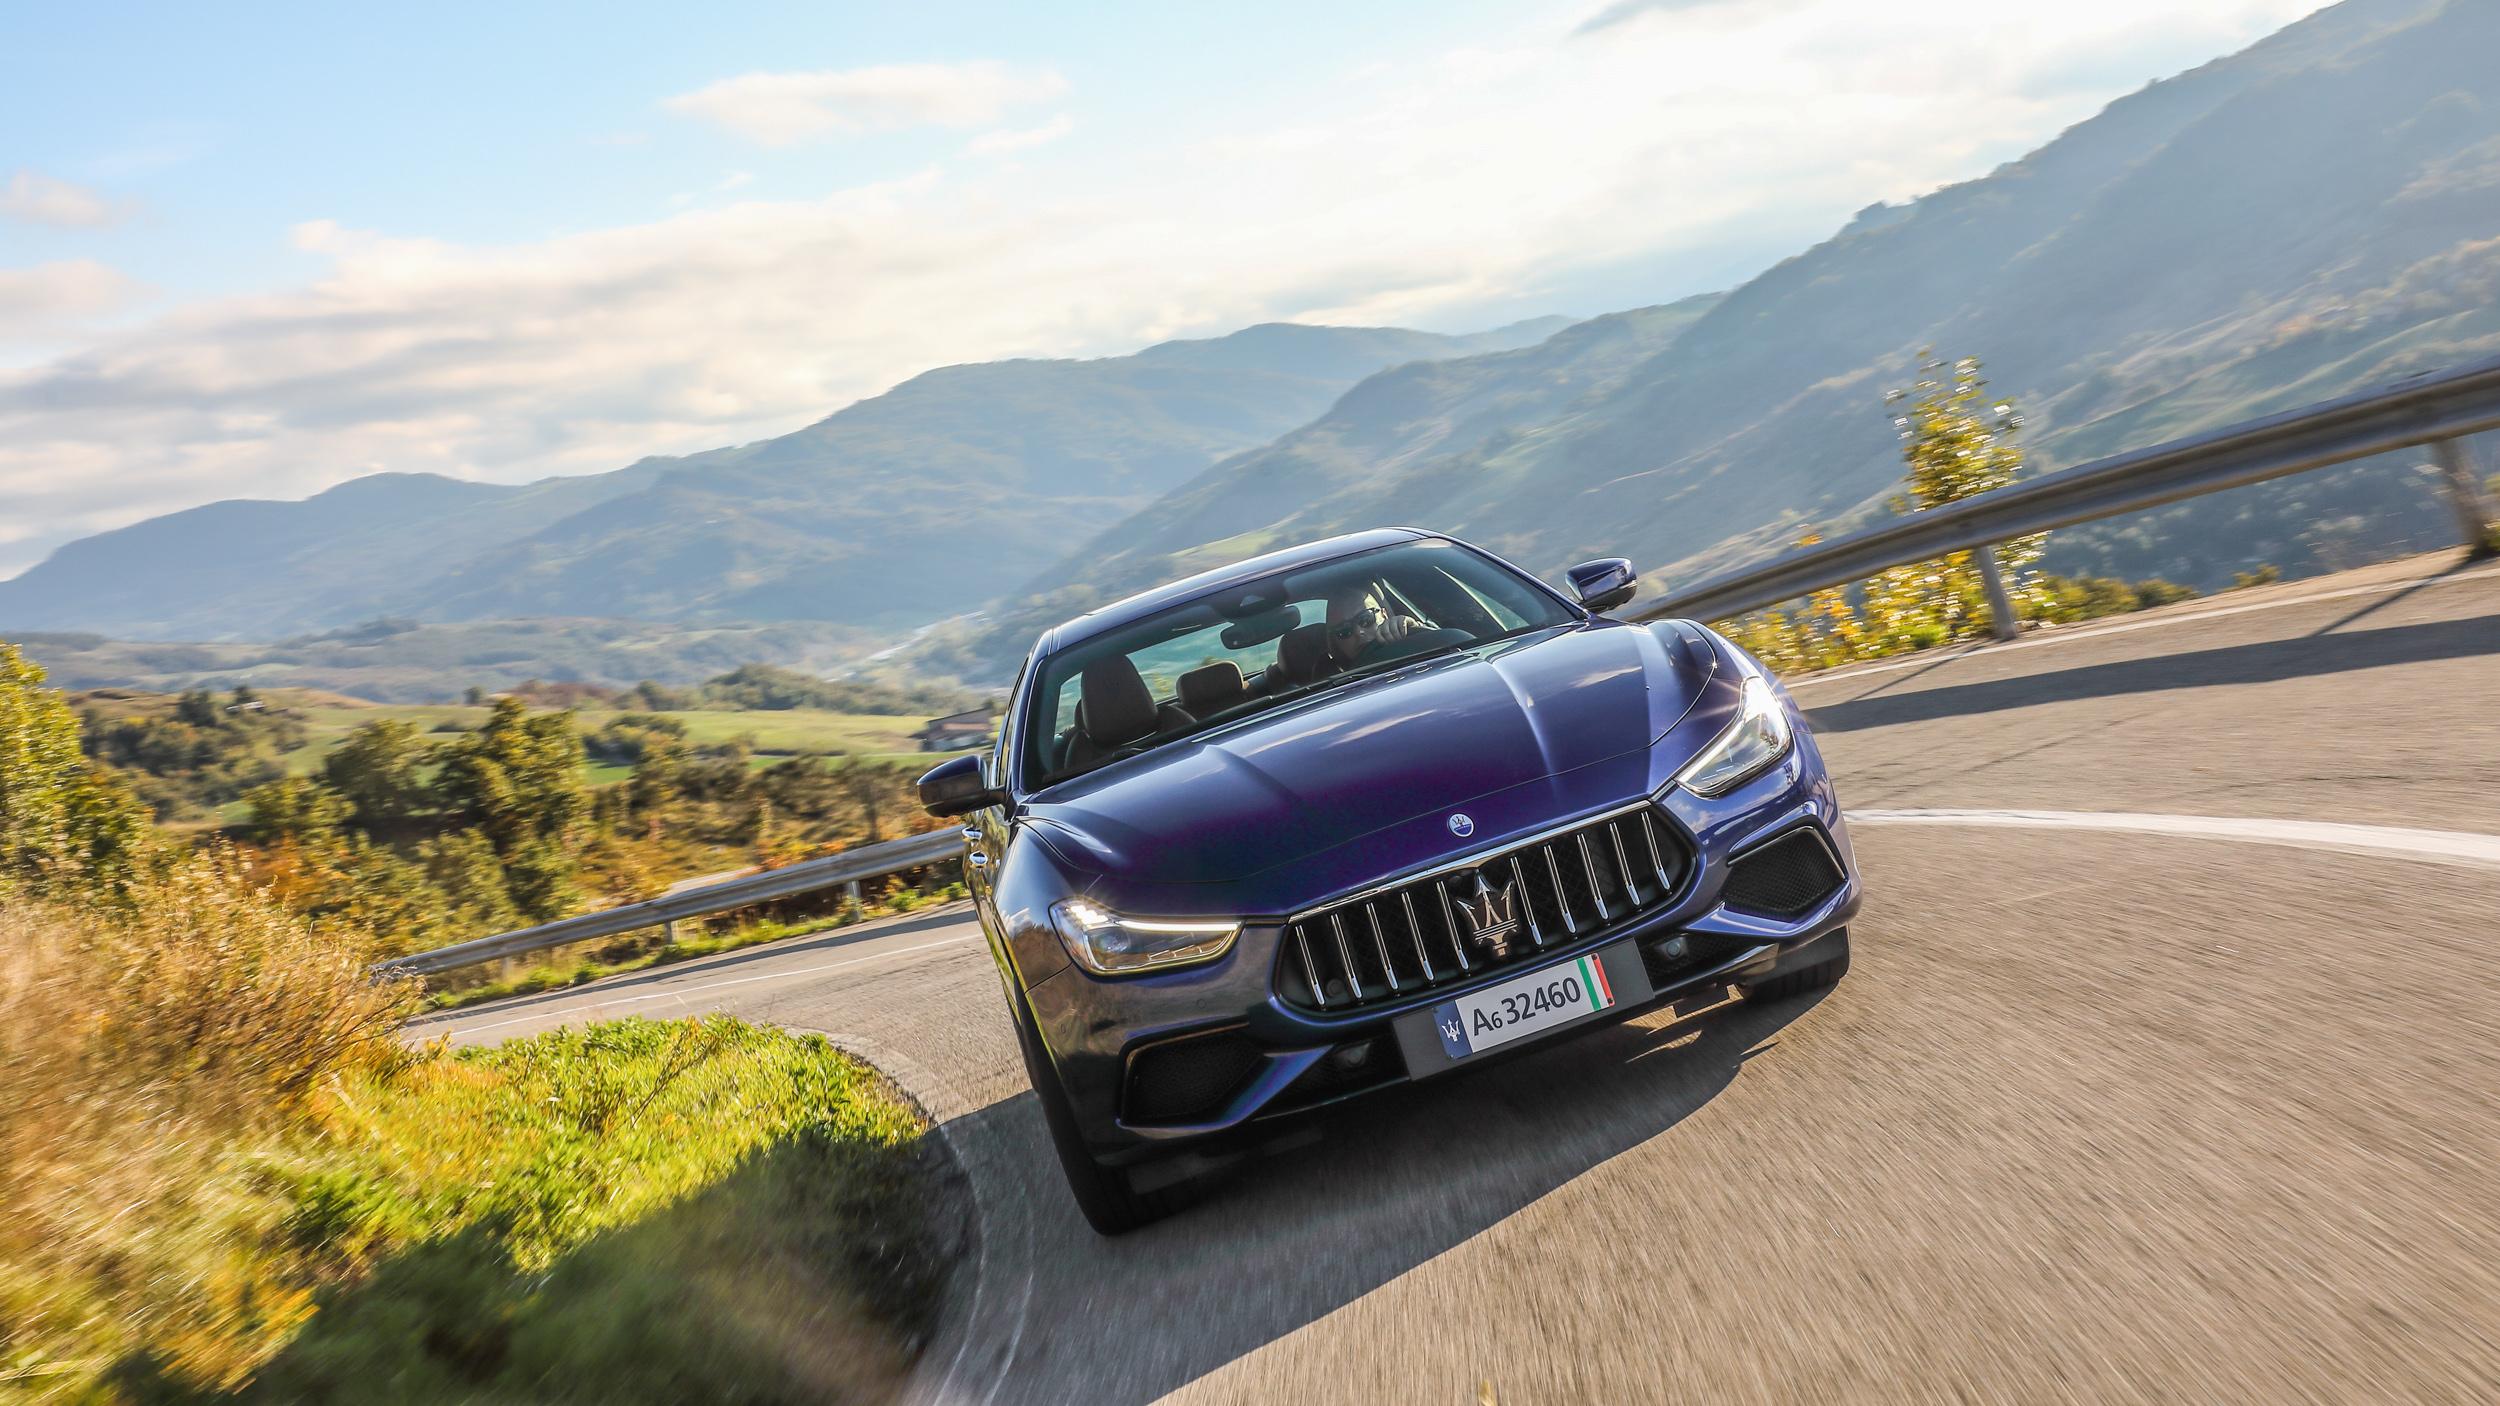 Maserati 20/21 年式 Ghibli 2.0 338 萬限量 10 席推出